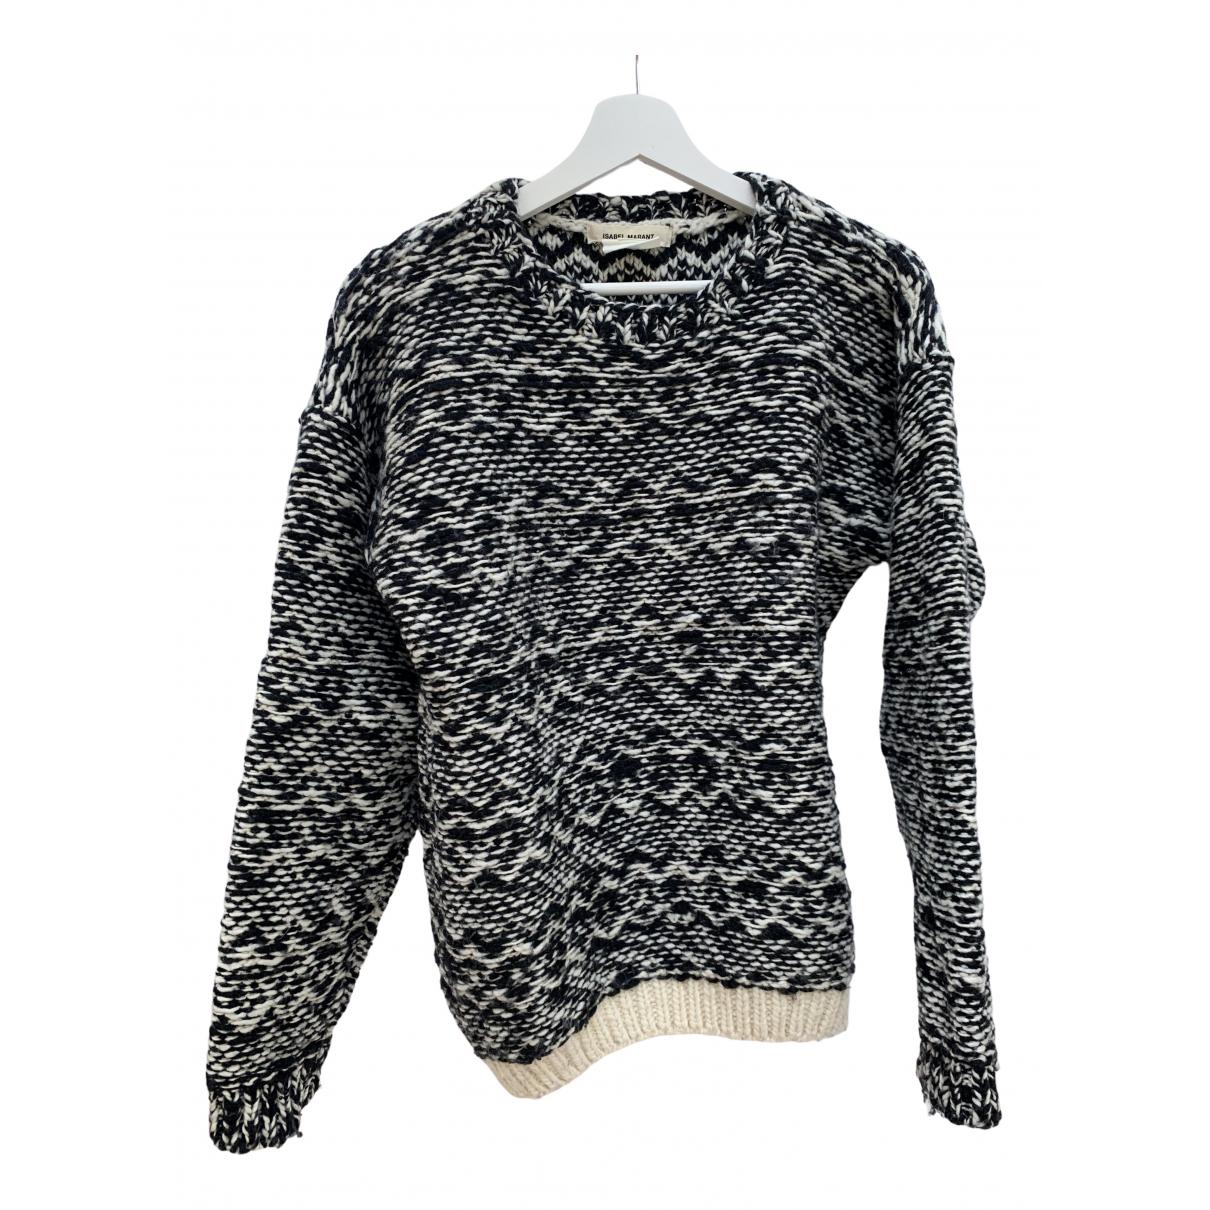 Isabel Marant Pour H&m - Pull   pour femme en laine - multicolore